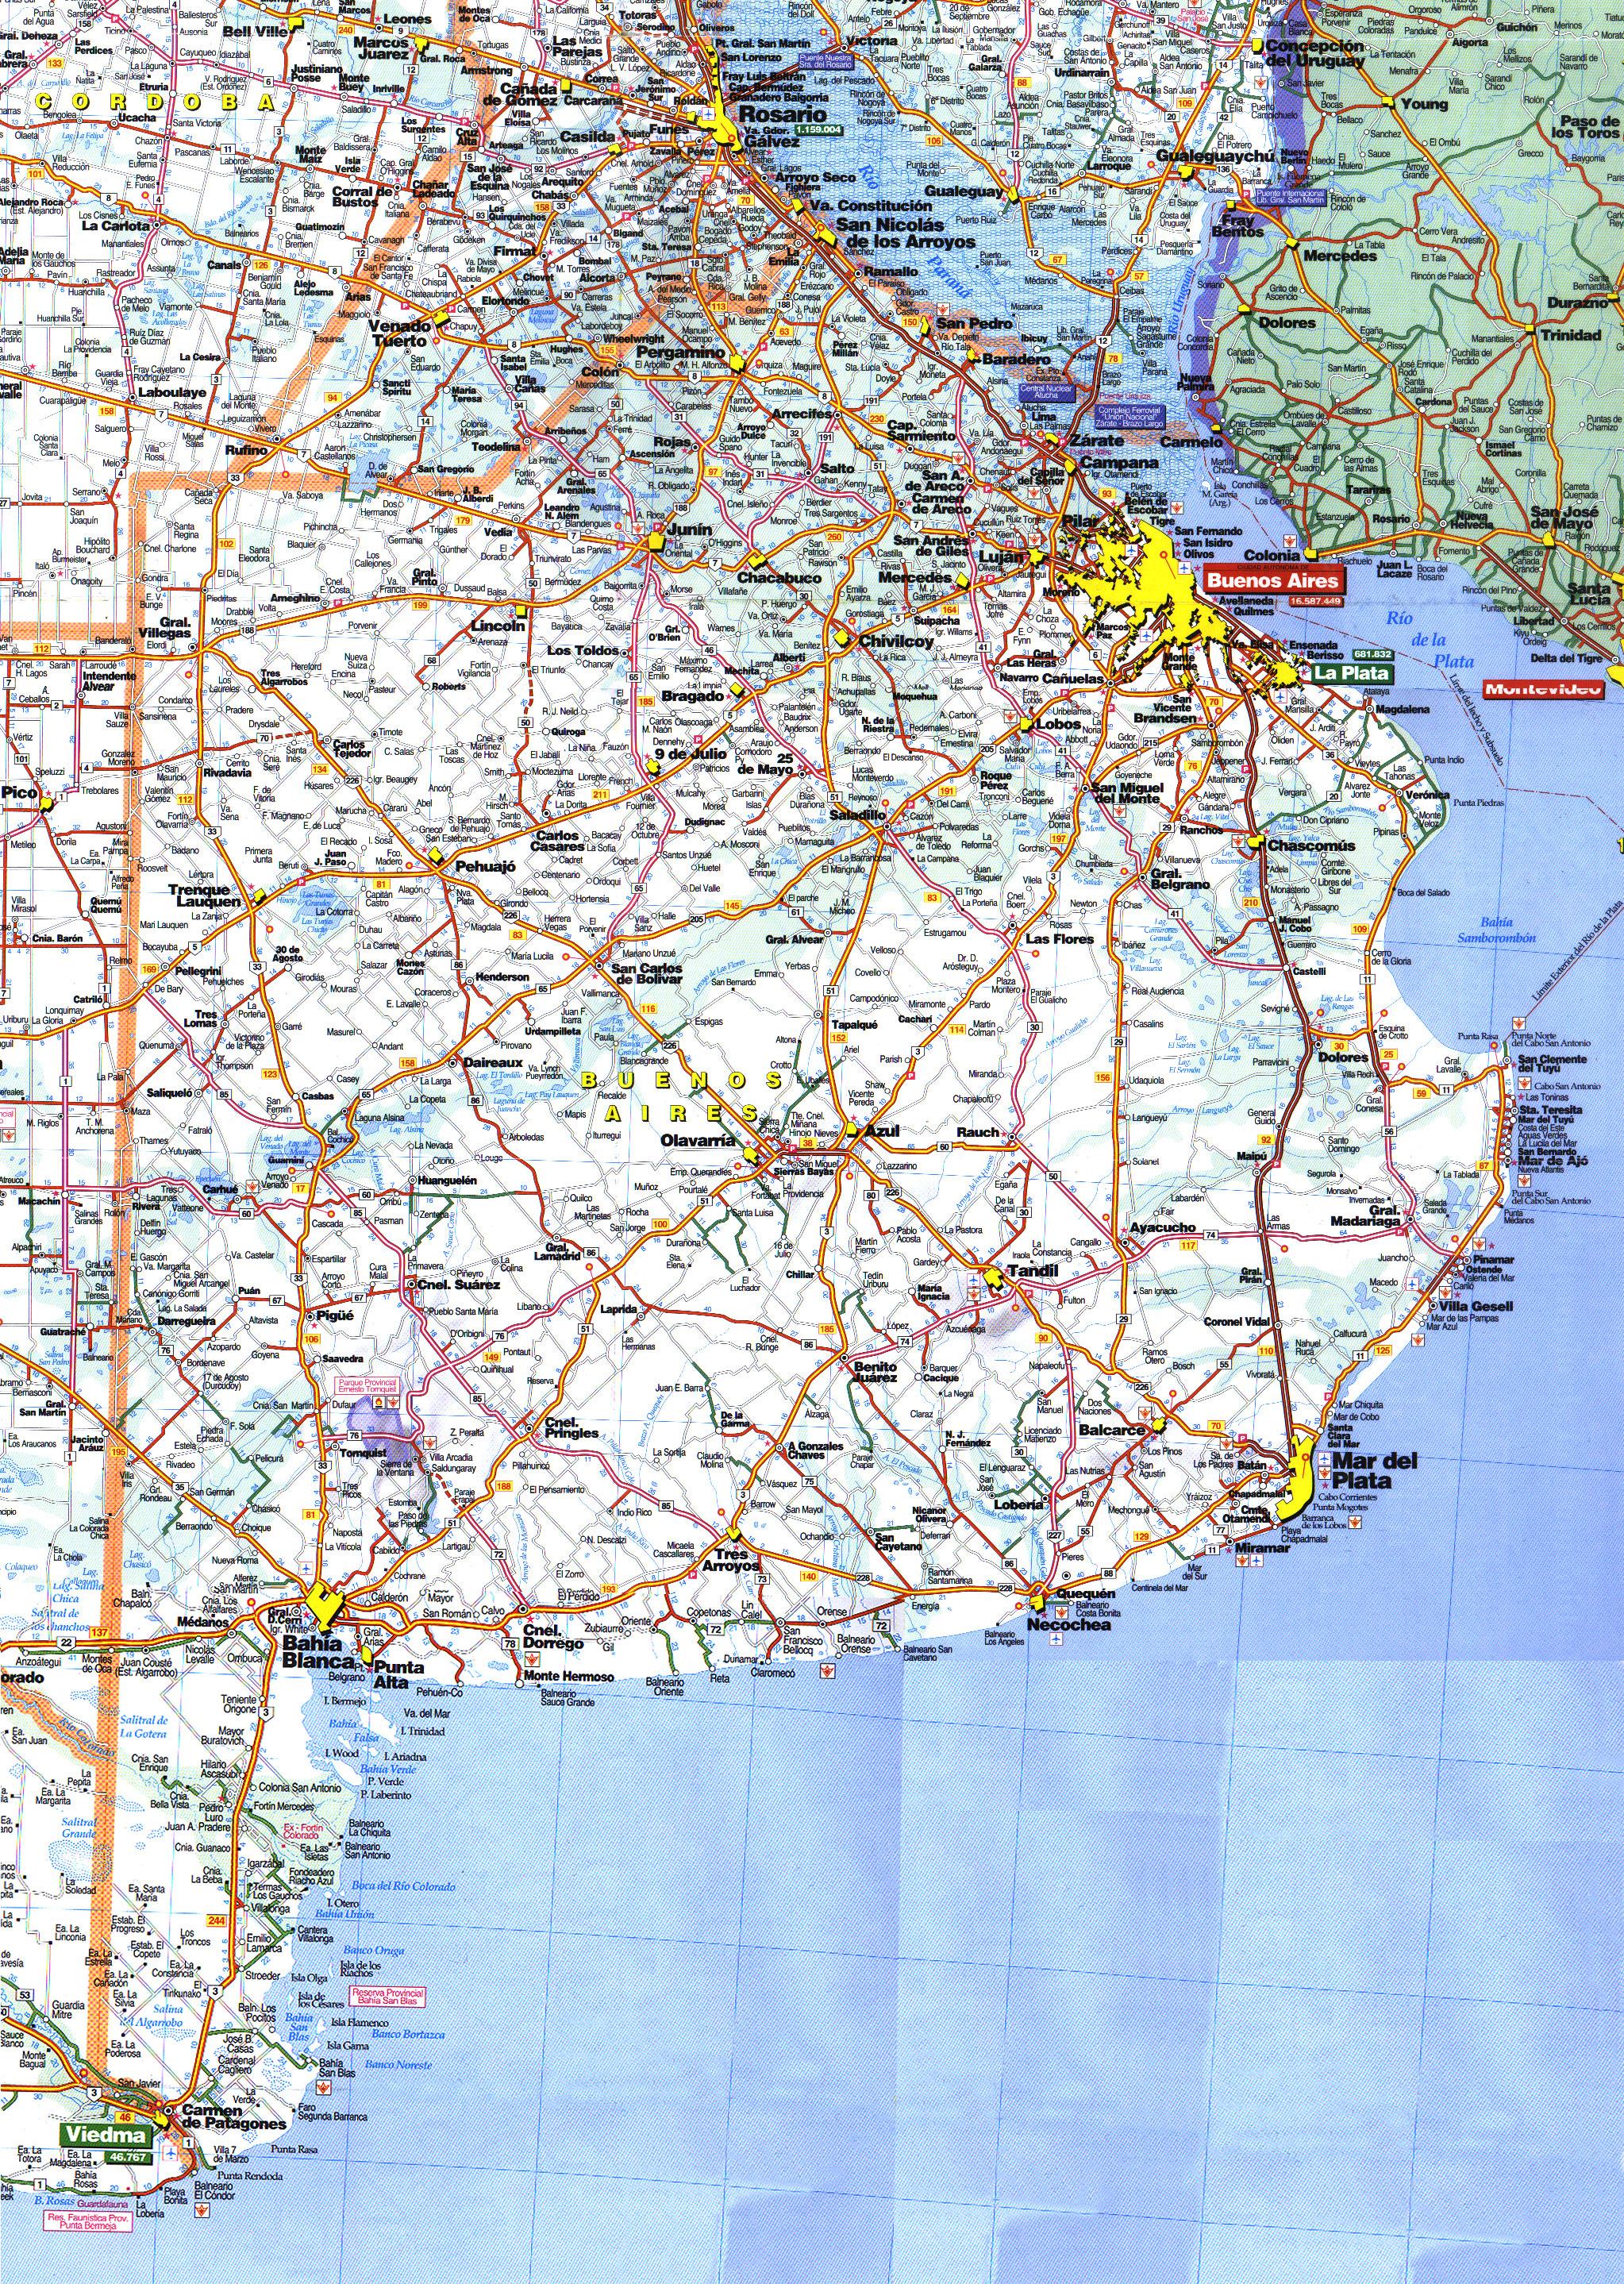 MAPA DE RUTAS DE LA PROVINCIA DE BUENOS AIRES